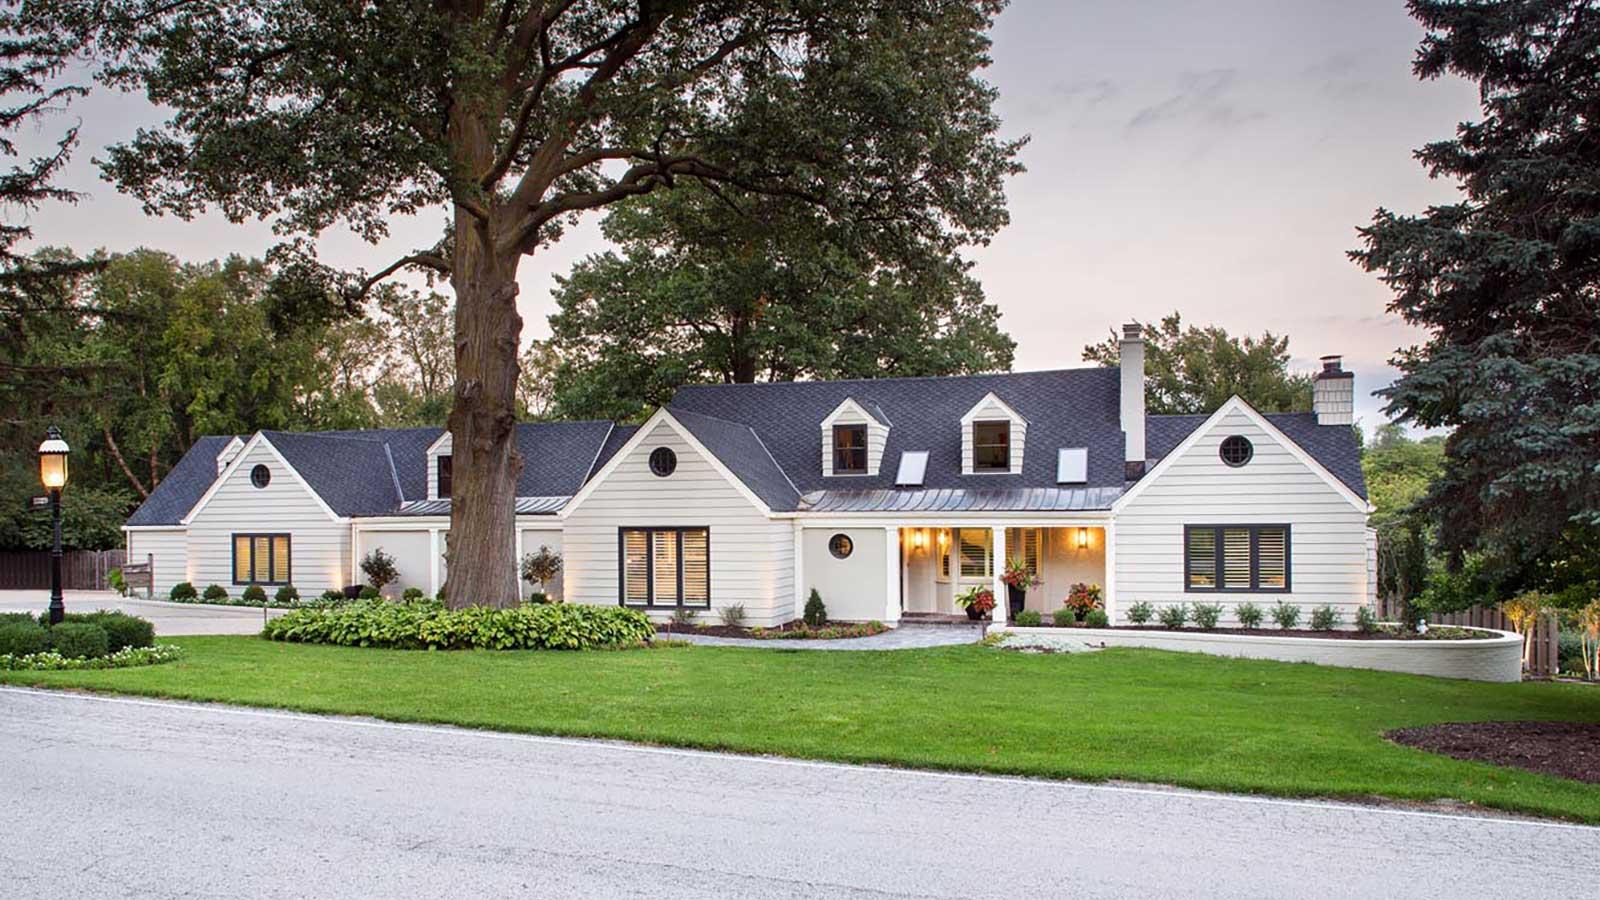 Loveland Residence